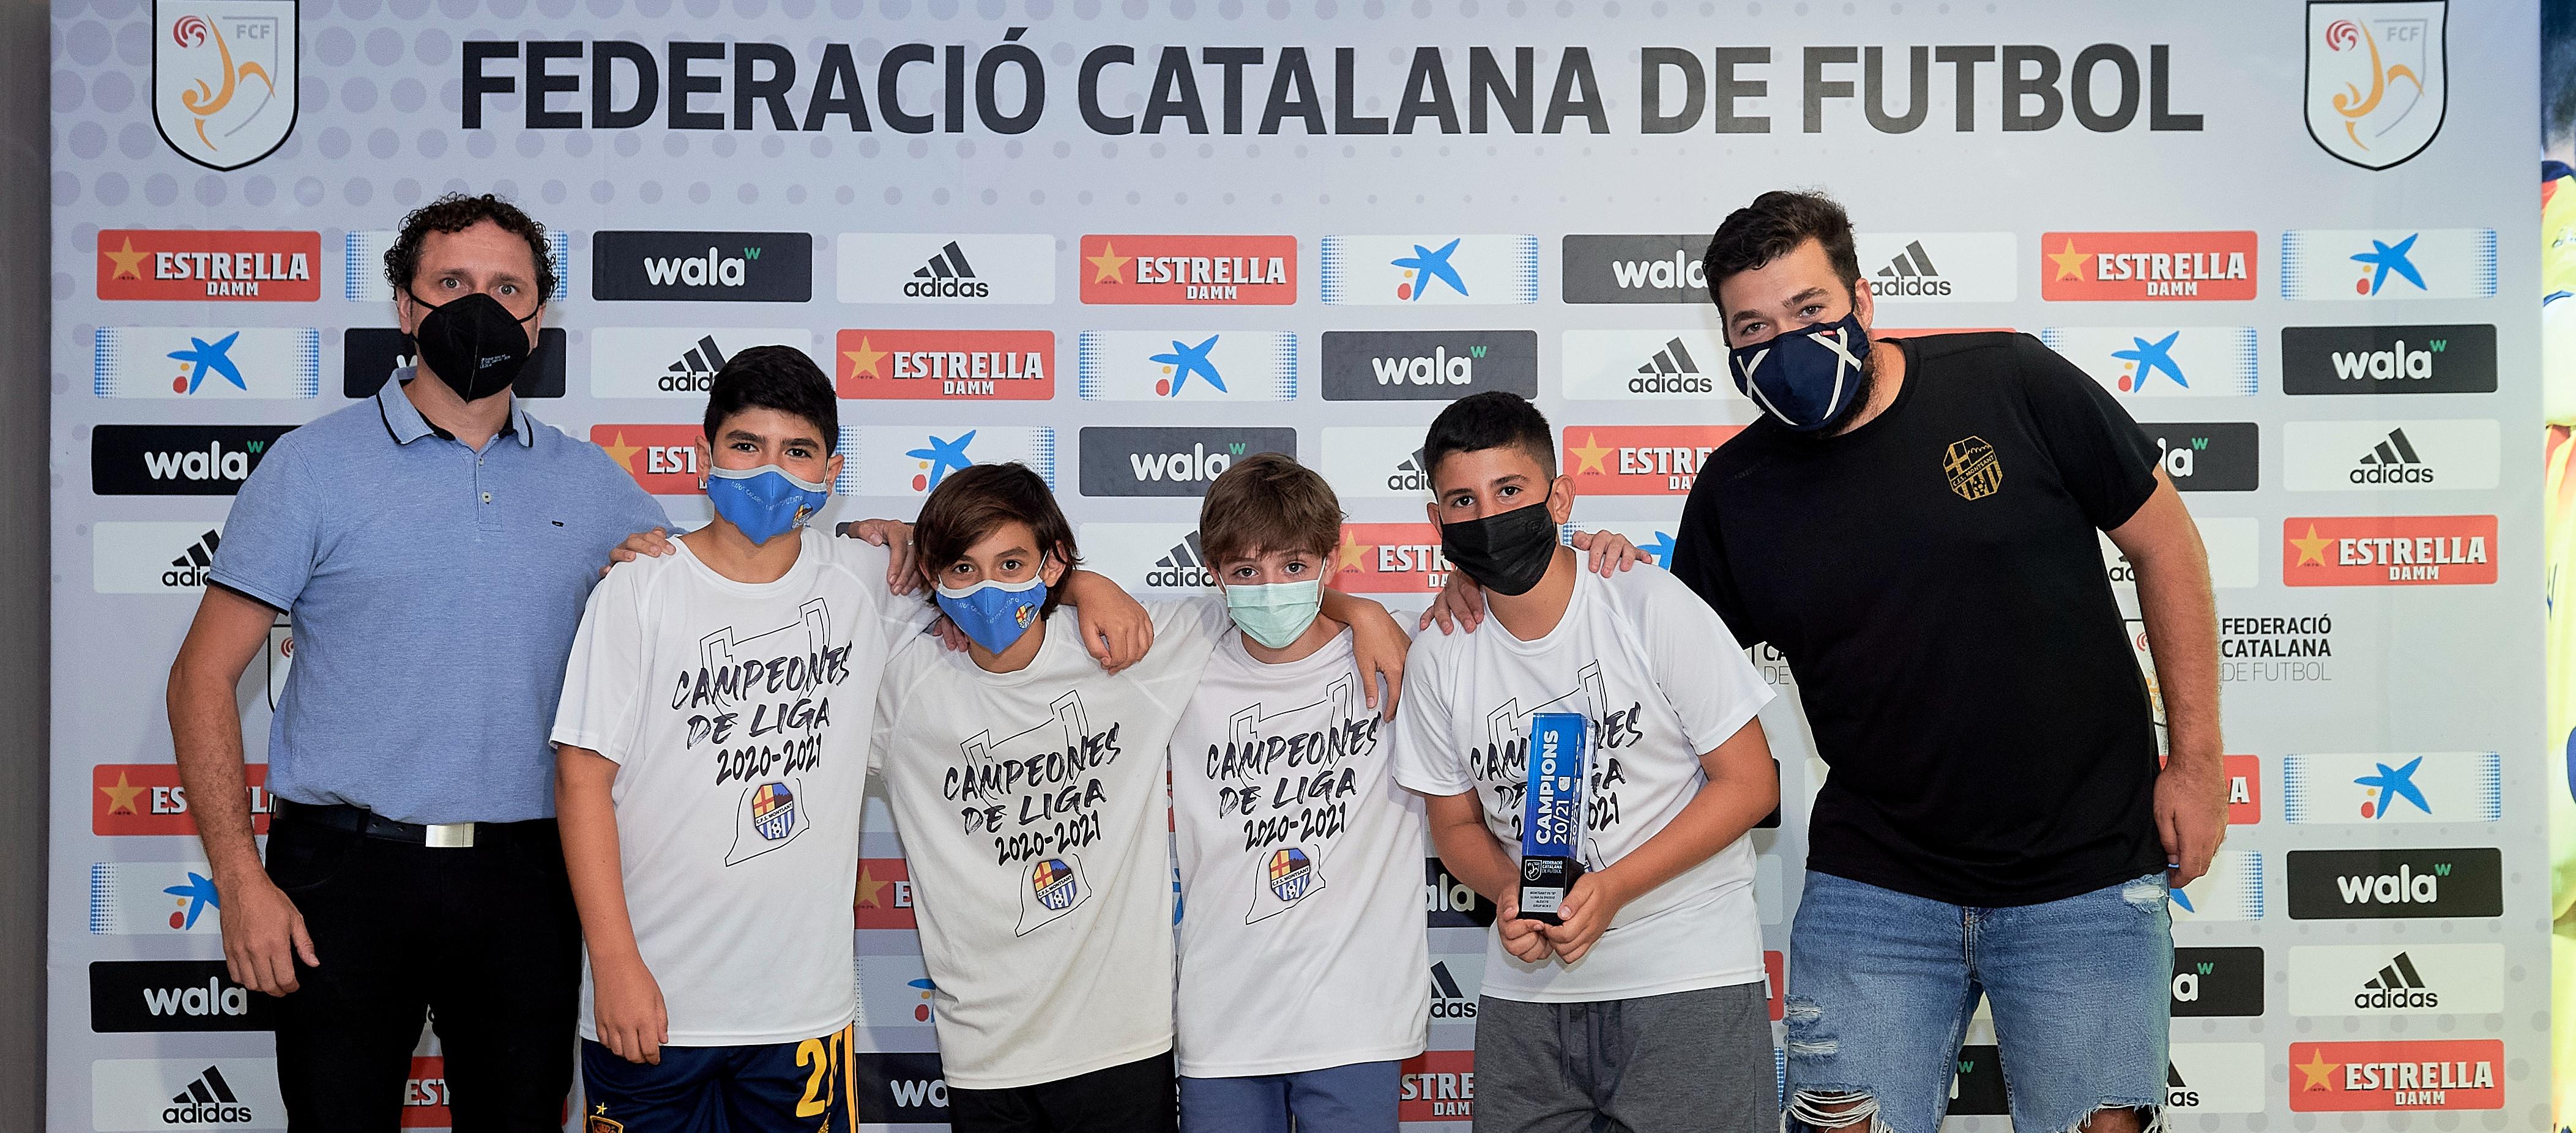 La Lliga Catalana de Futbol Sala entrega els Trofeus de Campions de lliga de Barcelona